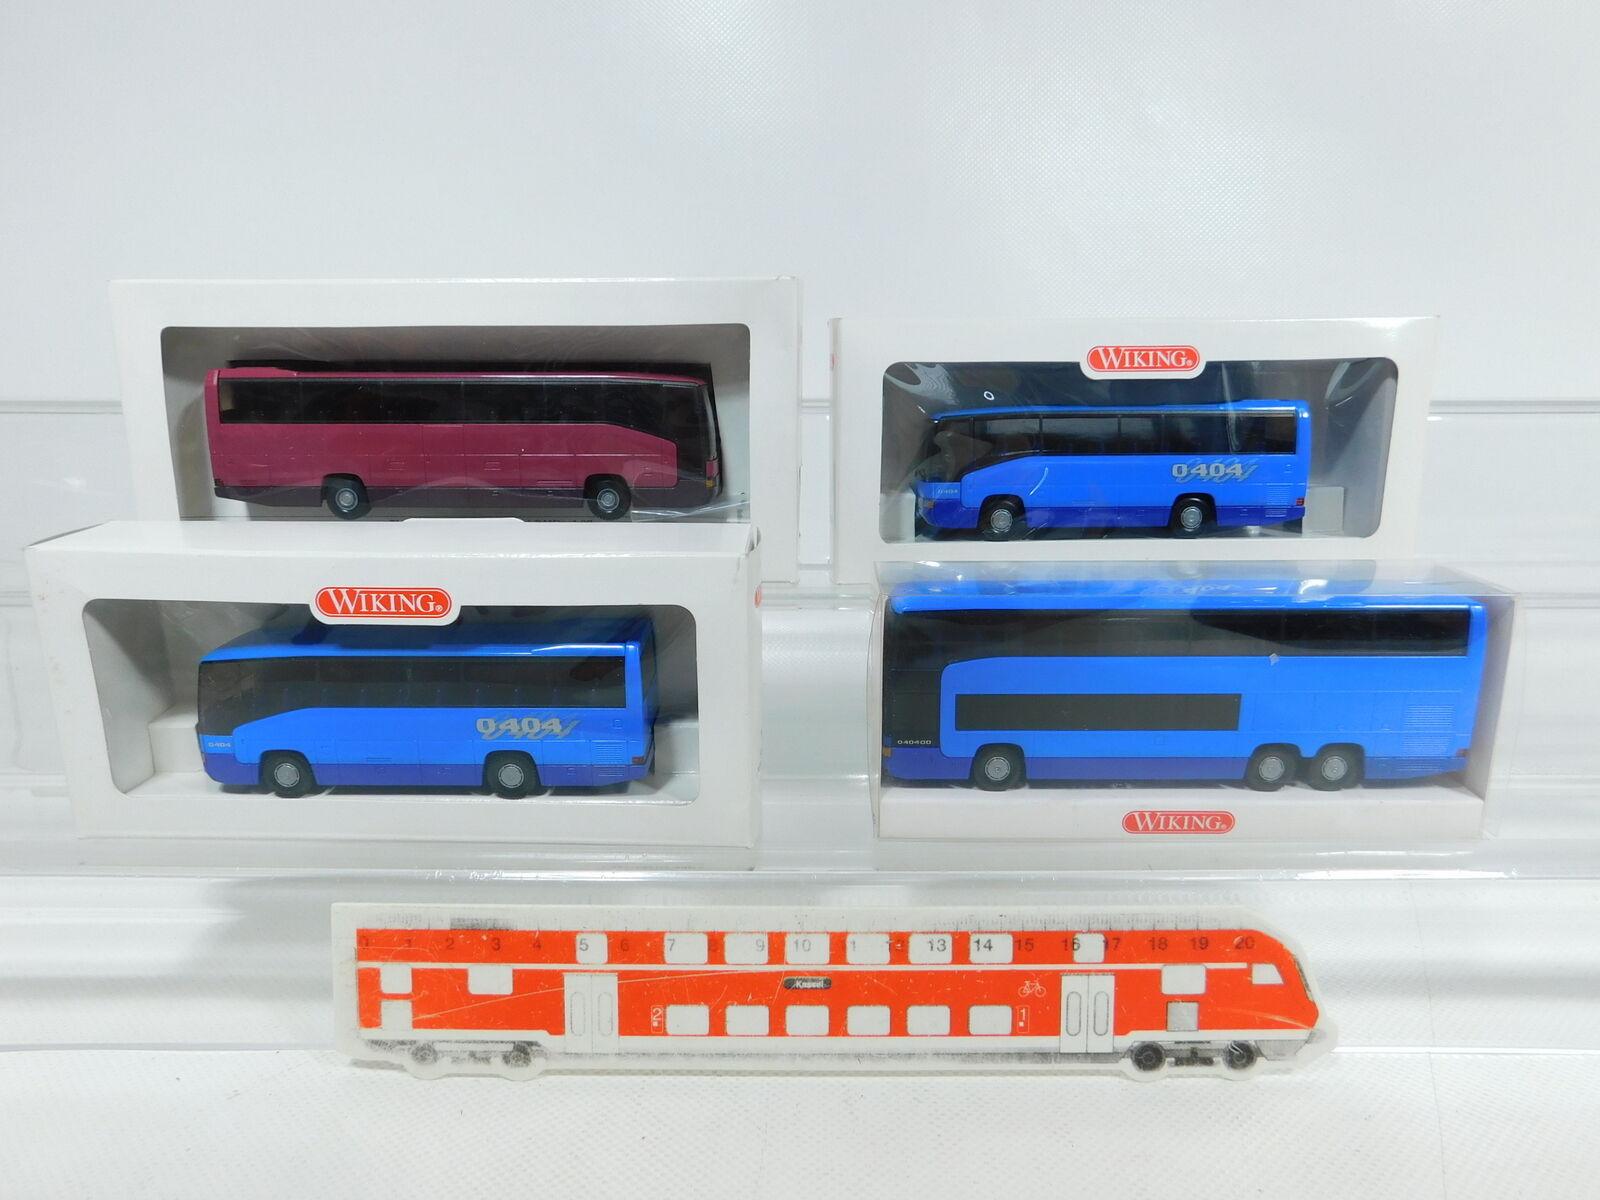 BV954-0,5 x Wiking H0   1 87 Bus MB  713 01 +715 01 37 +714 01,Very Good +Box